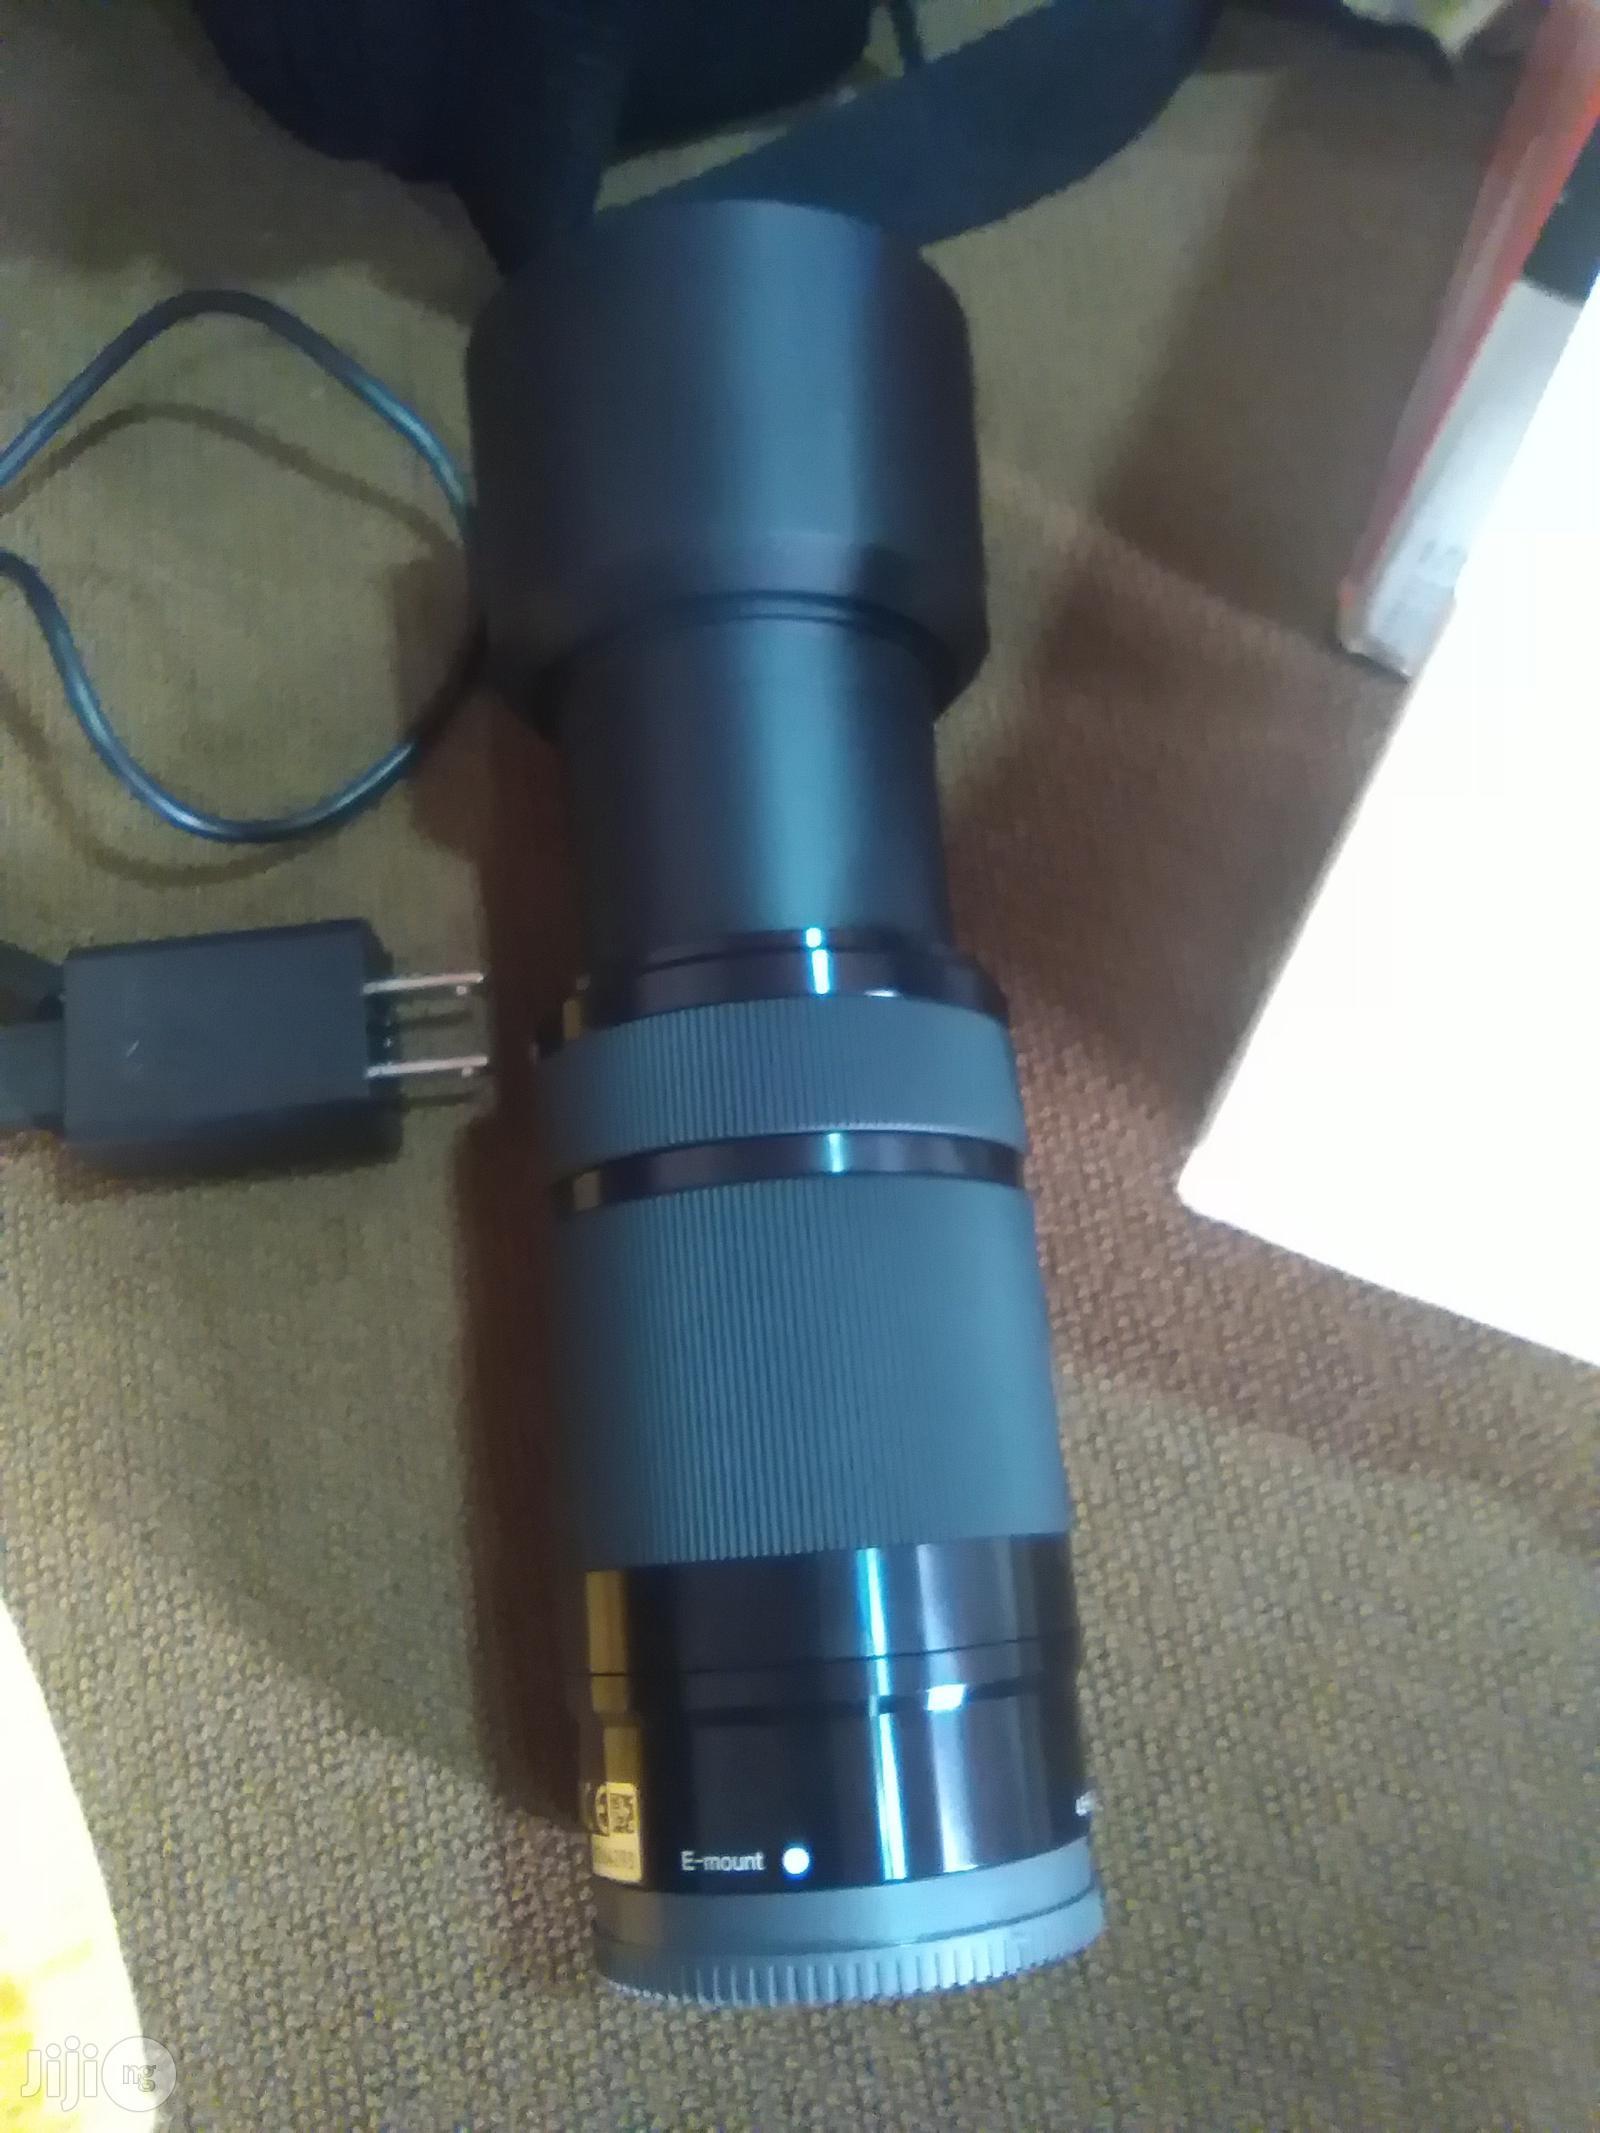 Sony E Mouth Lens 55-210